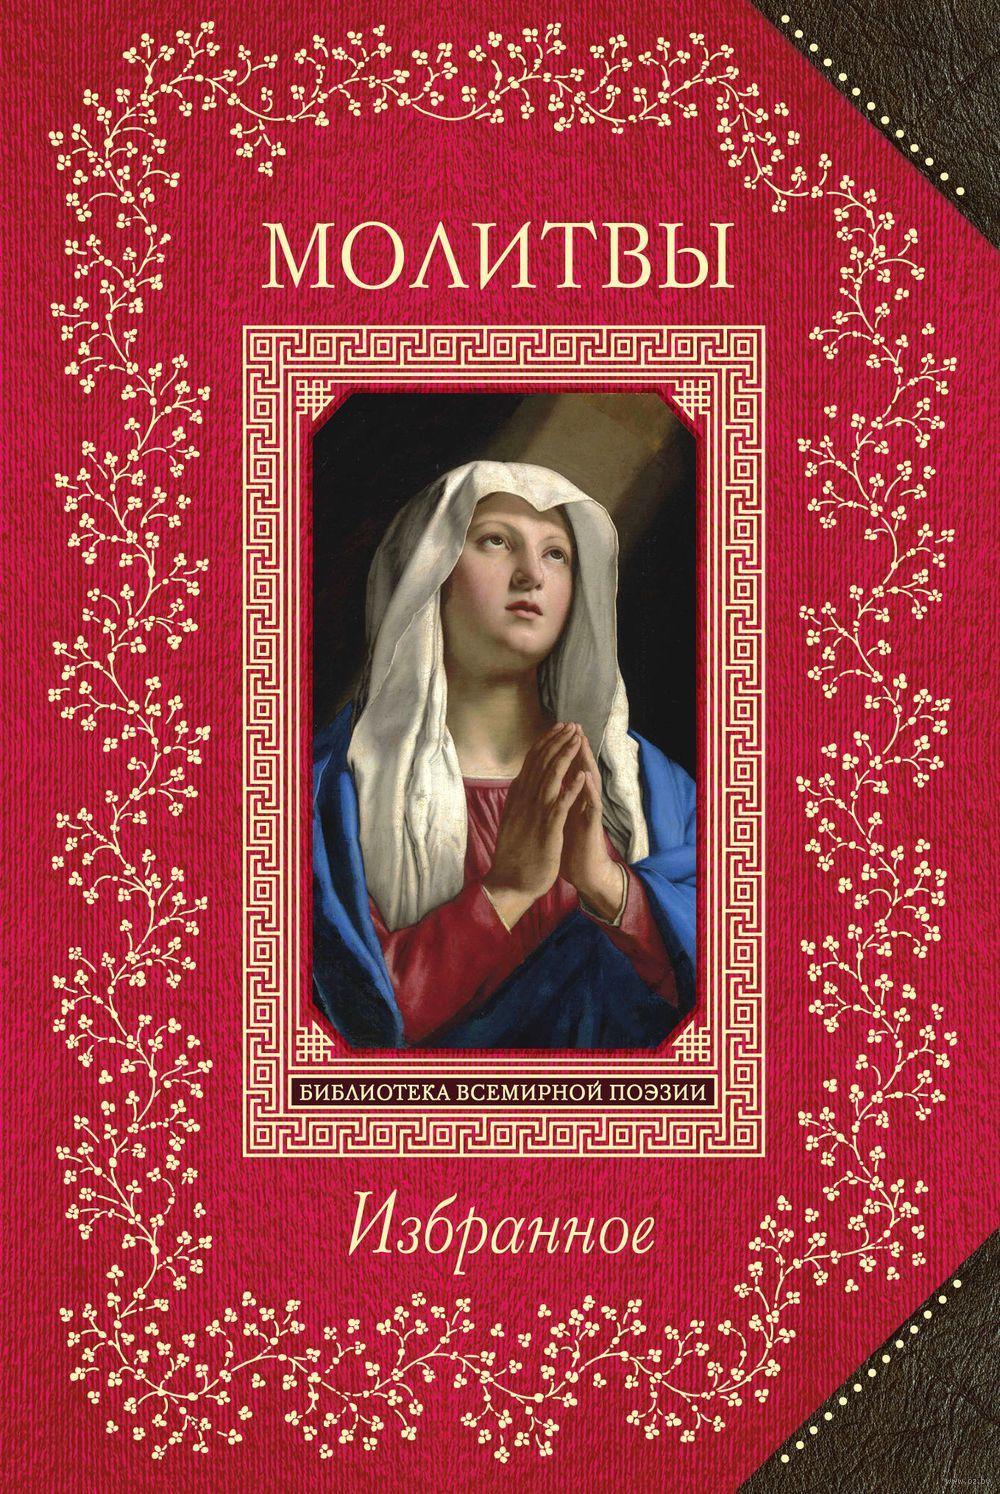 Купить Молитвы. Избранное, Н. Розман, 978-5-04-093537-6